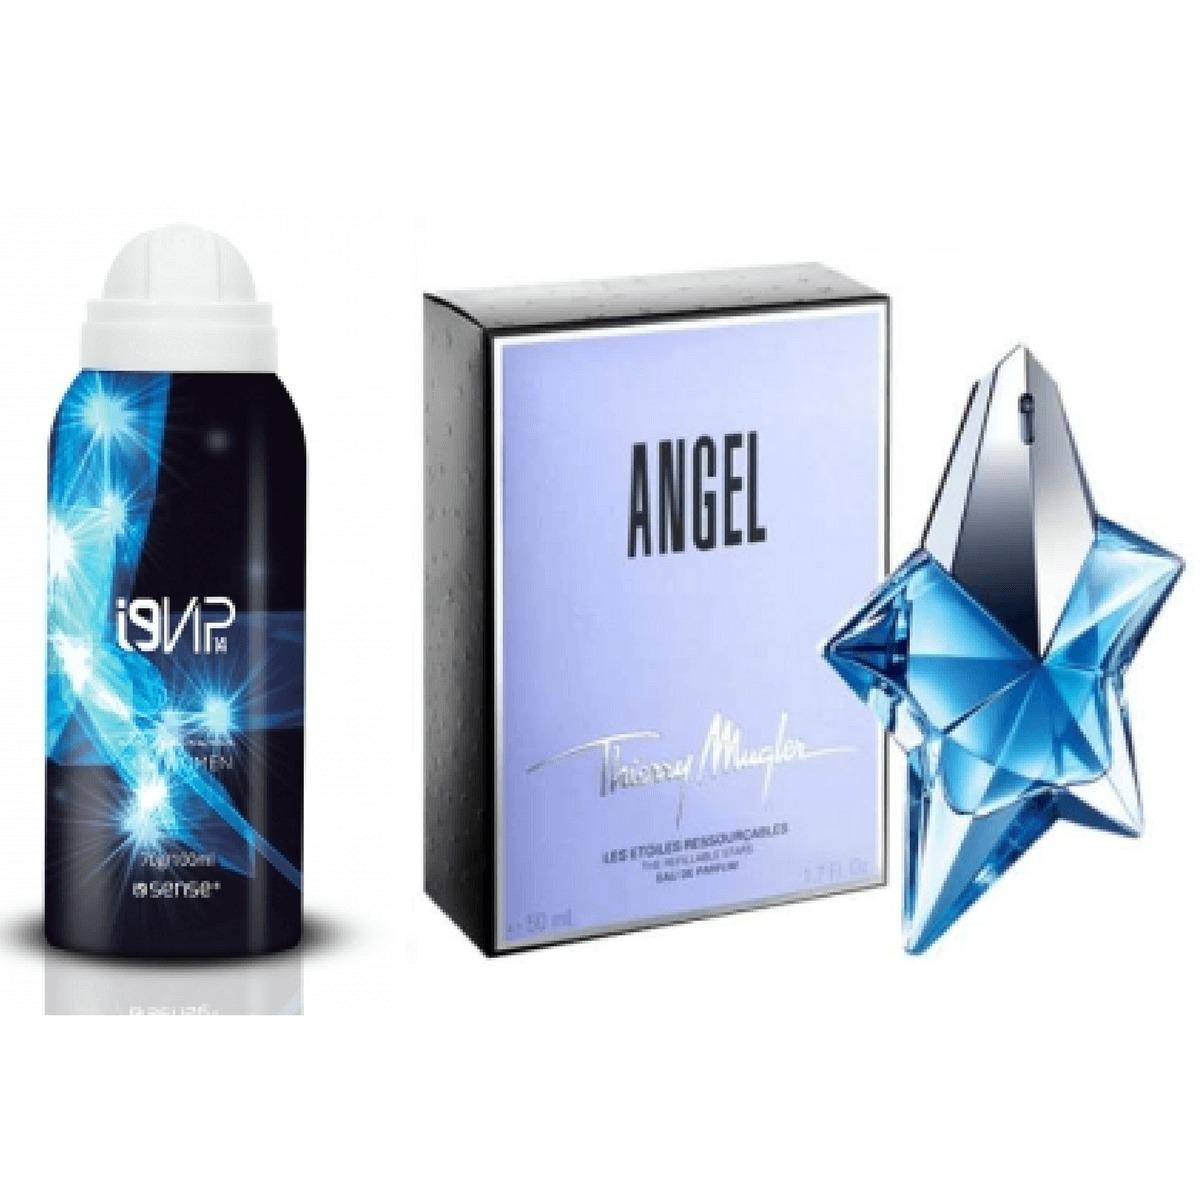 Perfume I9 Life Angel Original Perfume Para Atrair Homens R 120